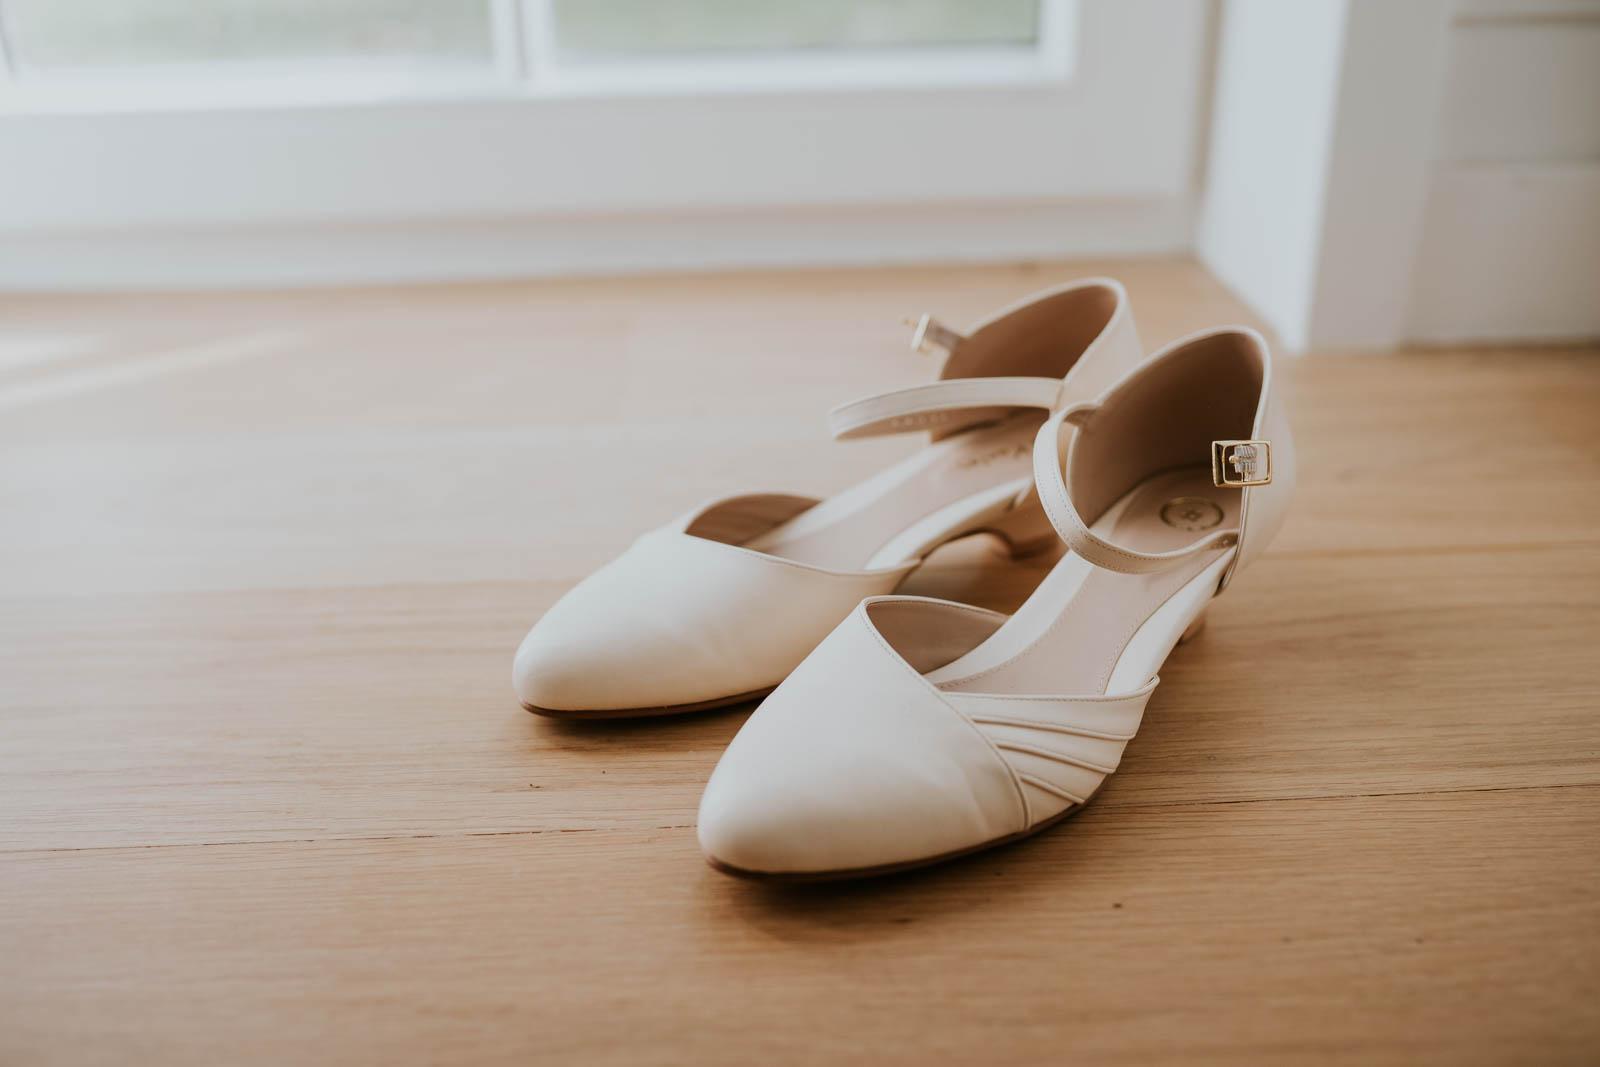 Les chaussures du jour… Photographe de mariage.